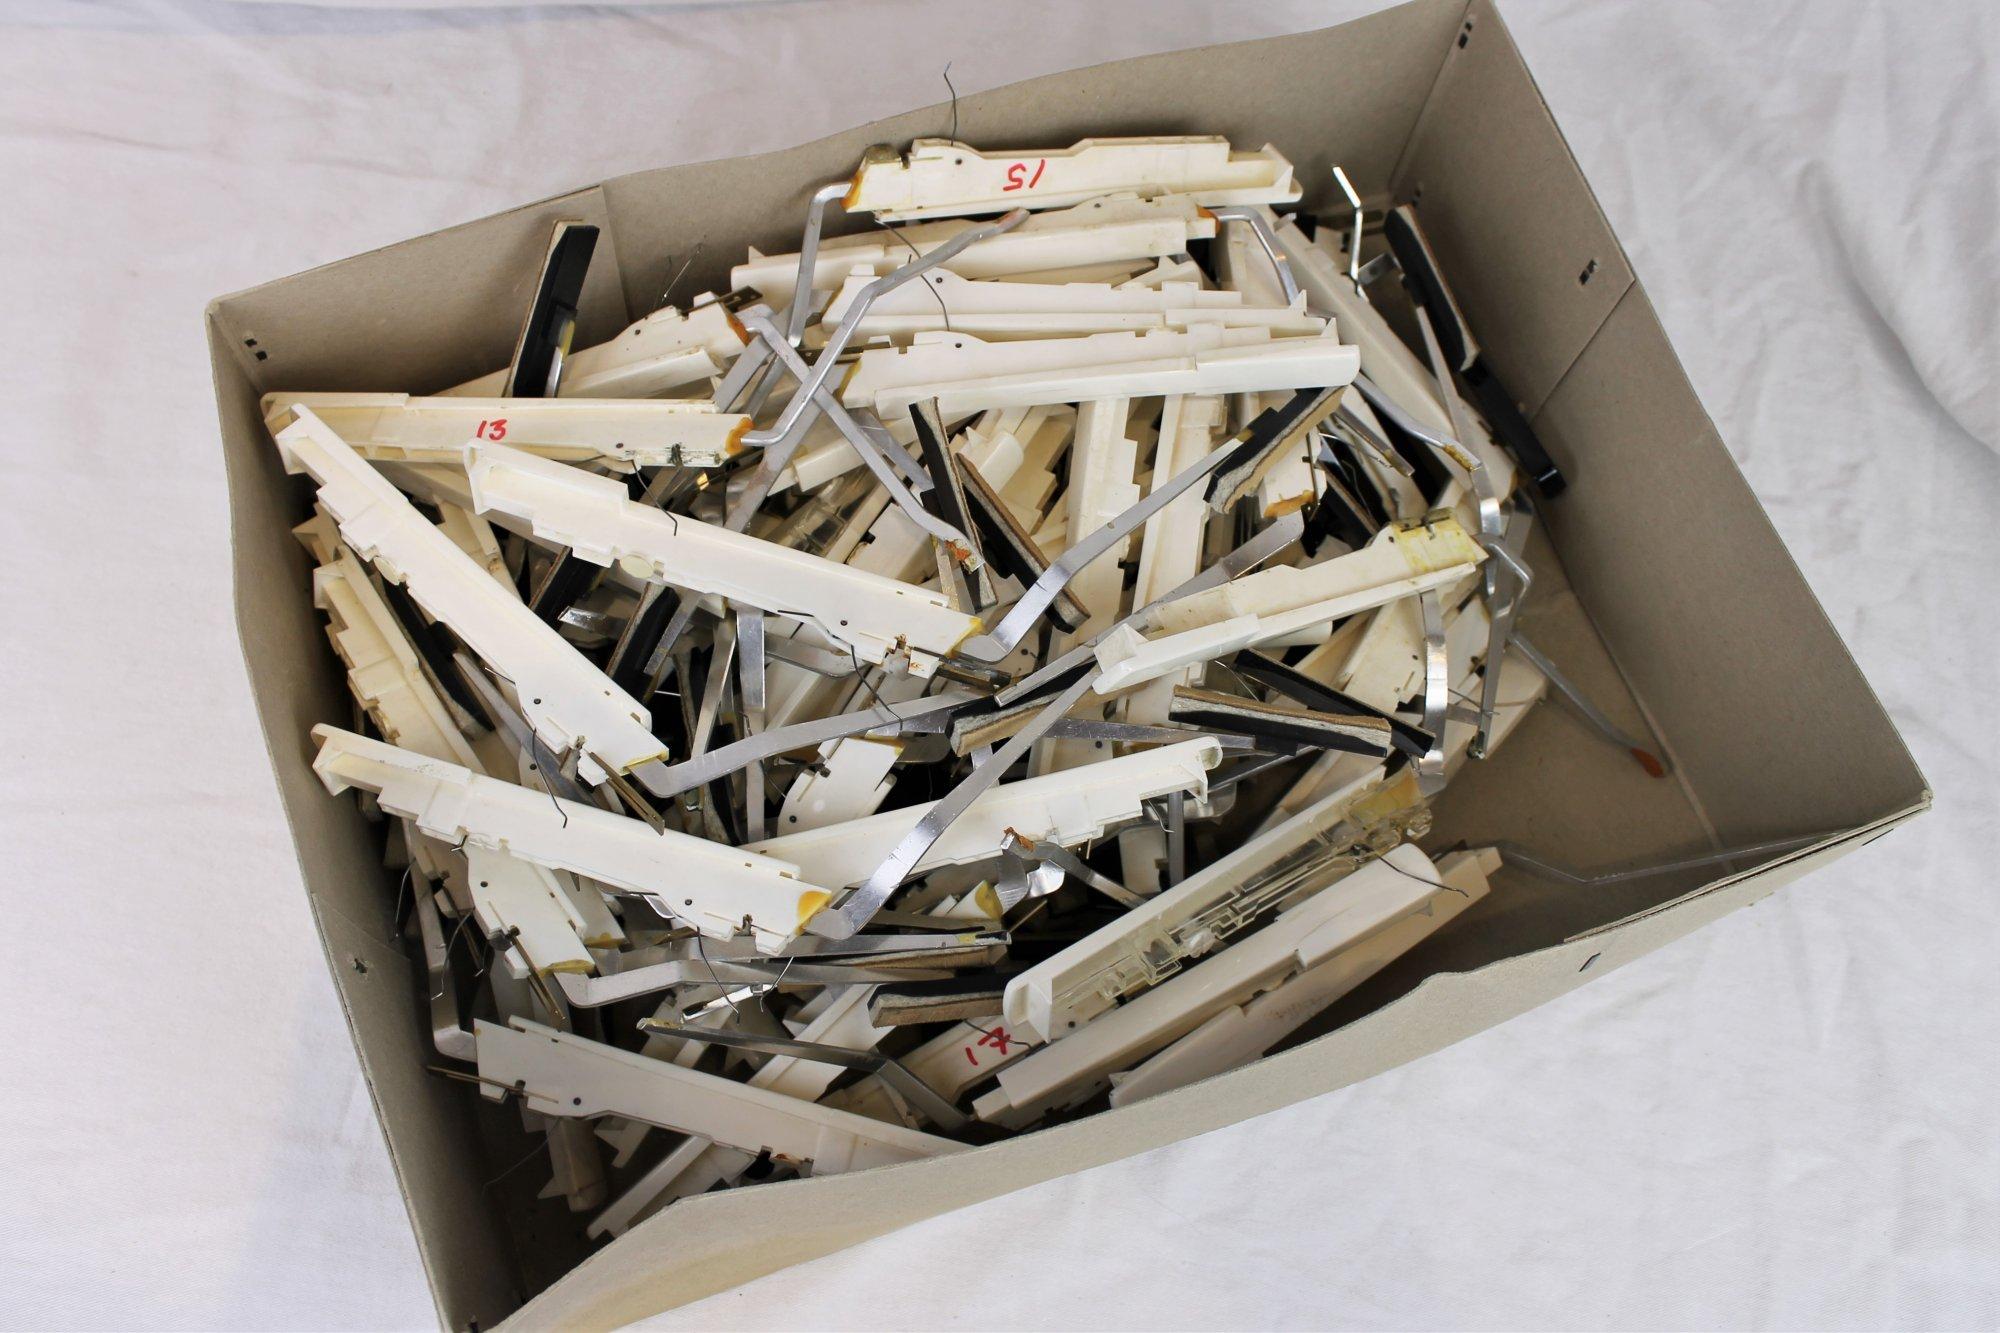 Box of Assorted Hohner Treble Piano Keys